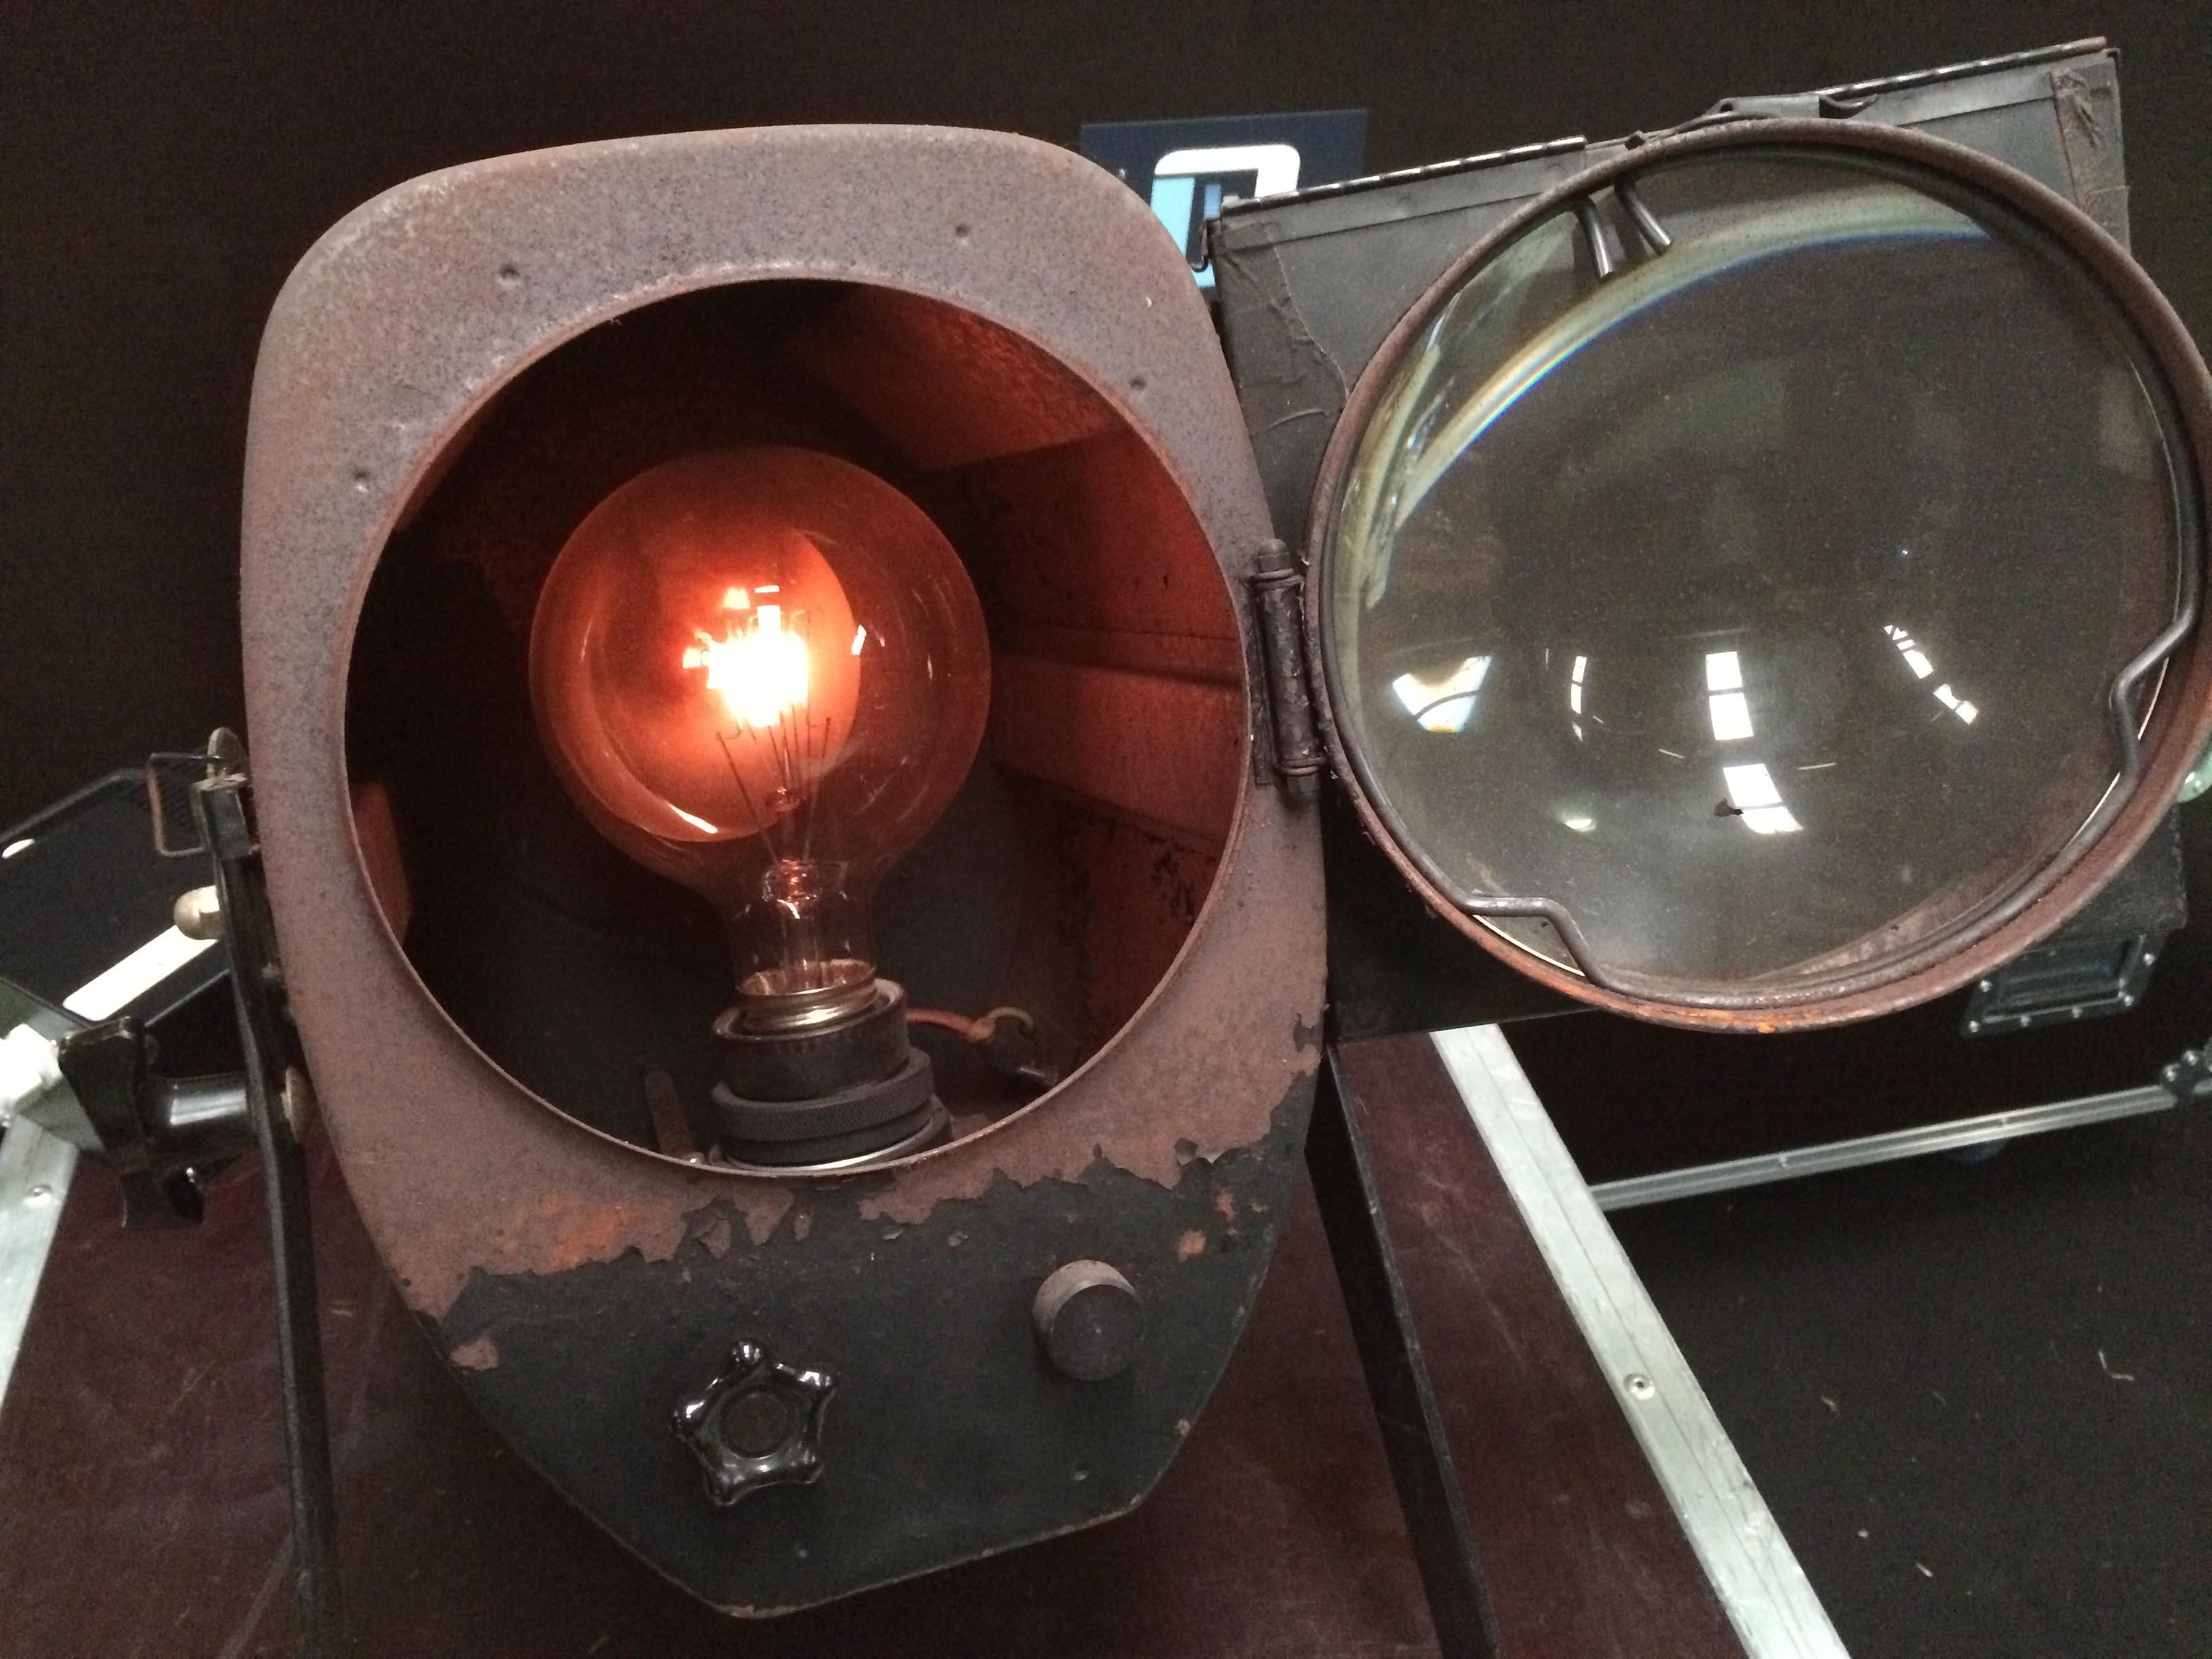 Lampe 201 Piscope Philips Lampe 233 Piscope Audiofanzine